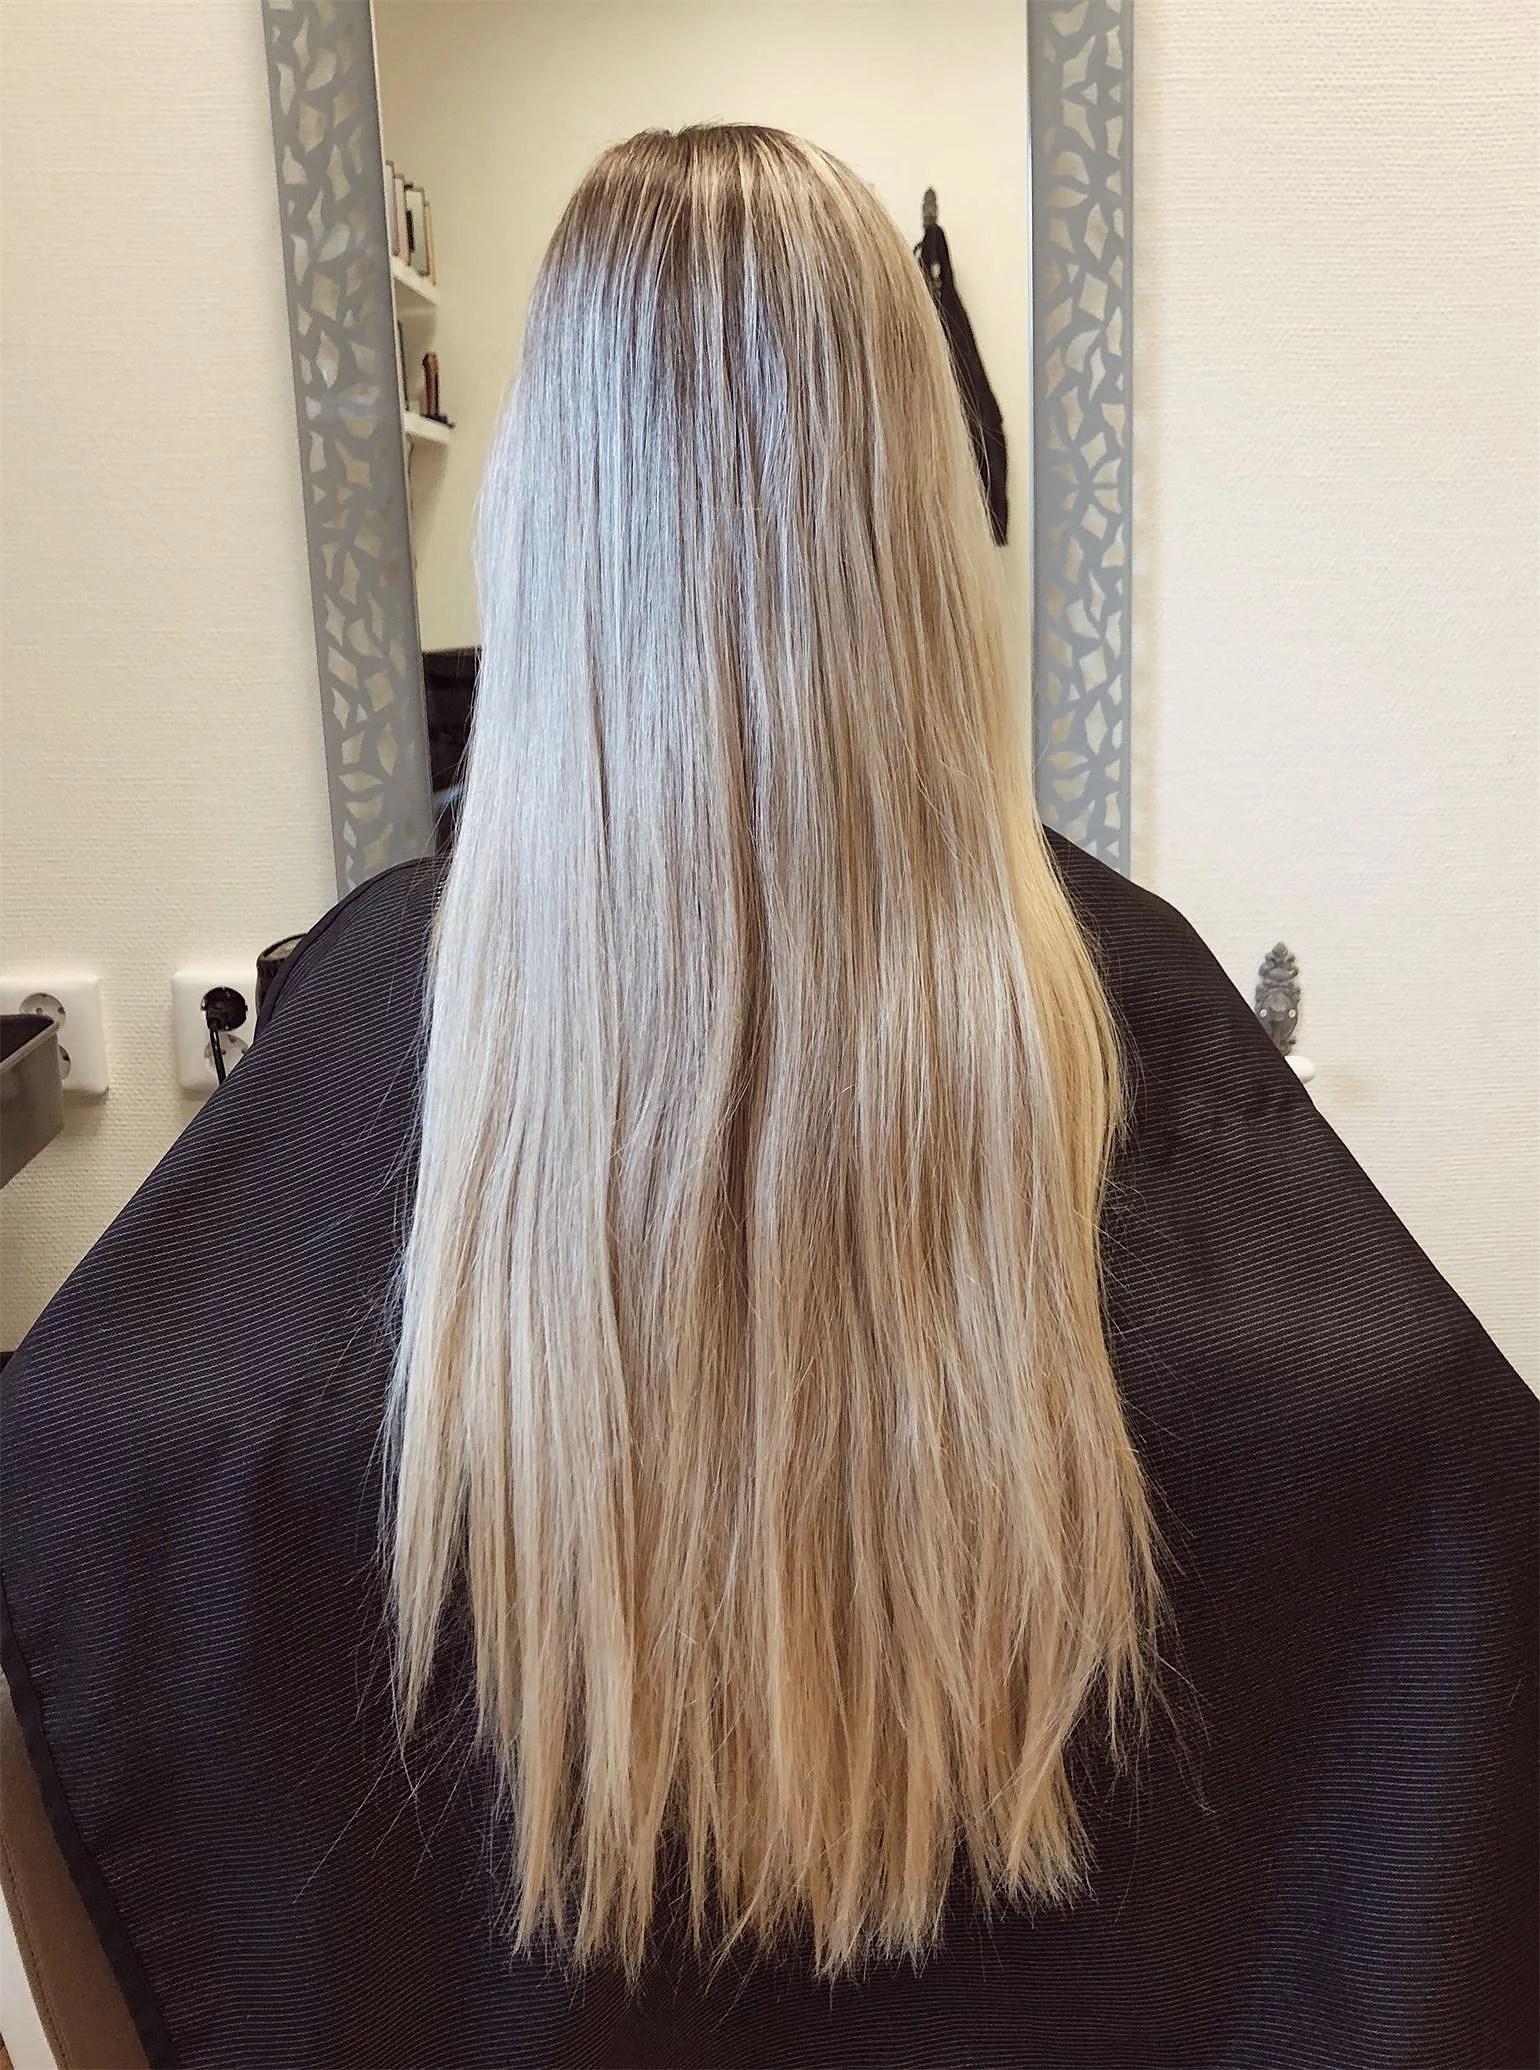 Sommarfräsch i håret